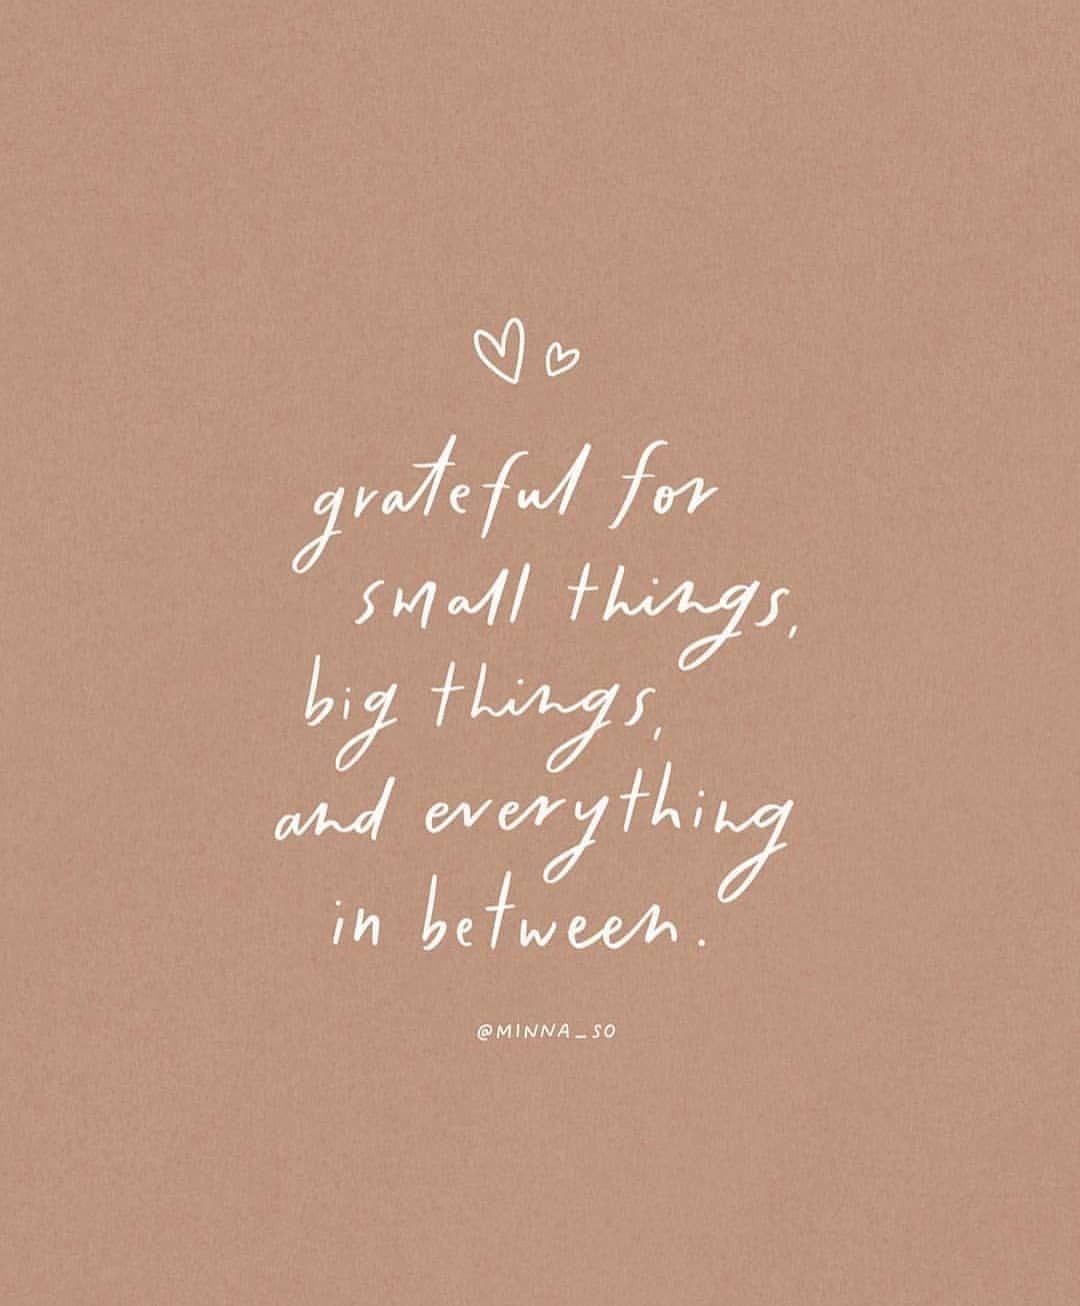 a gratidão só traz coisas bonitas ✨ #grateful